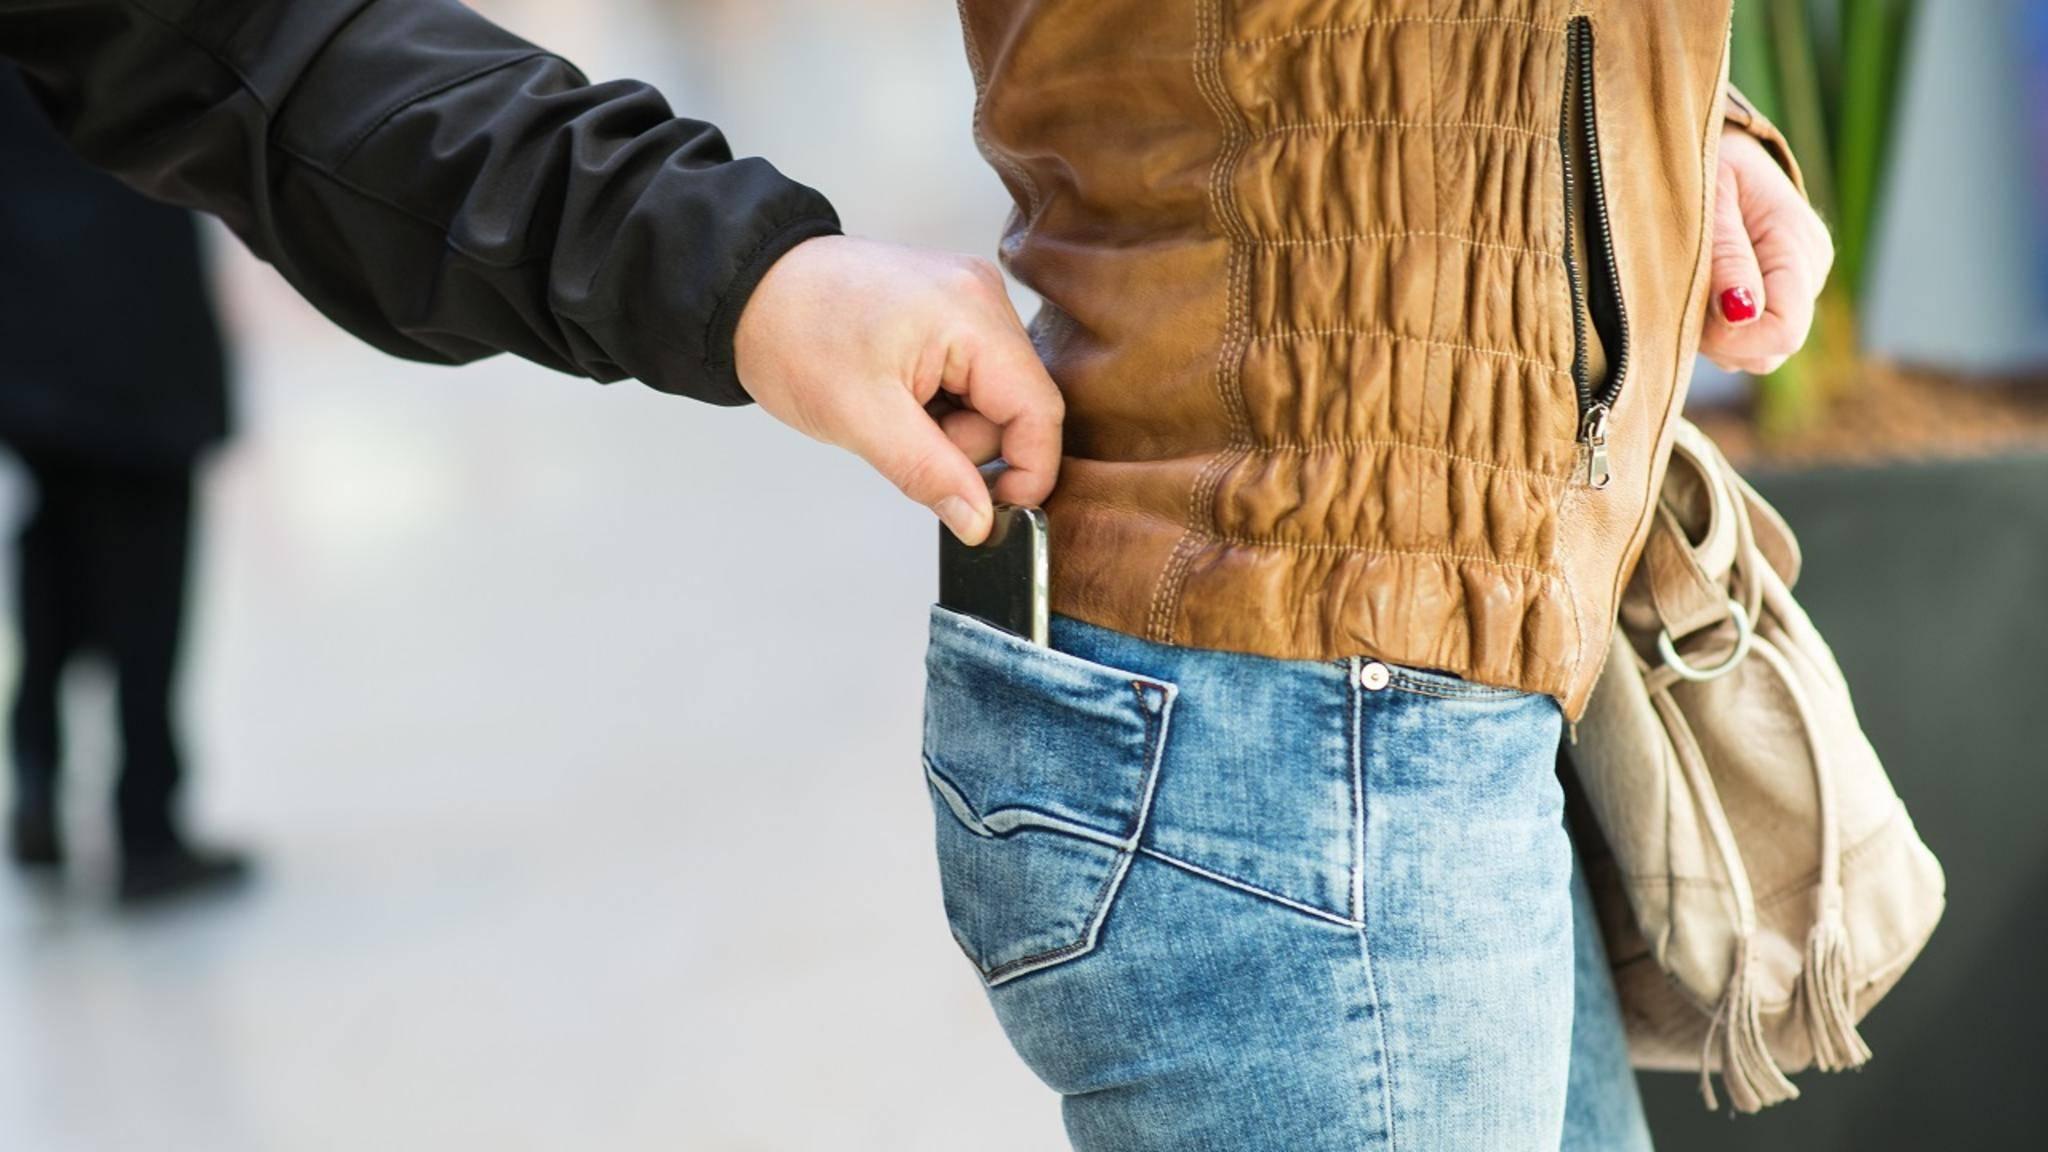 Egal, ob Du Dein Smartphone verloren hast oder es geklaut wurde: Dieser Ratgeber sagt Dir, was zu tun ist.